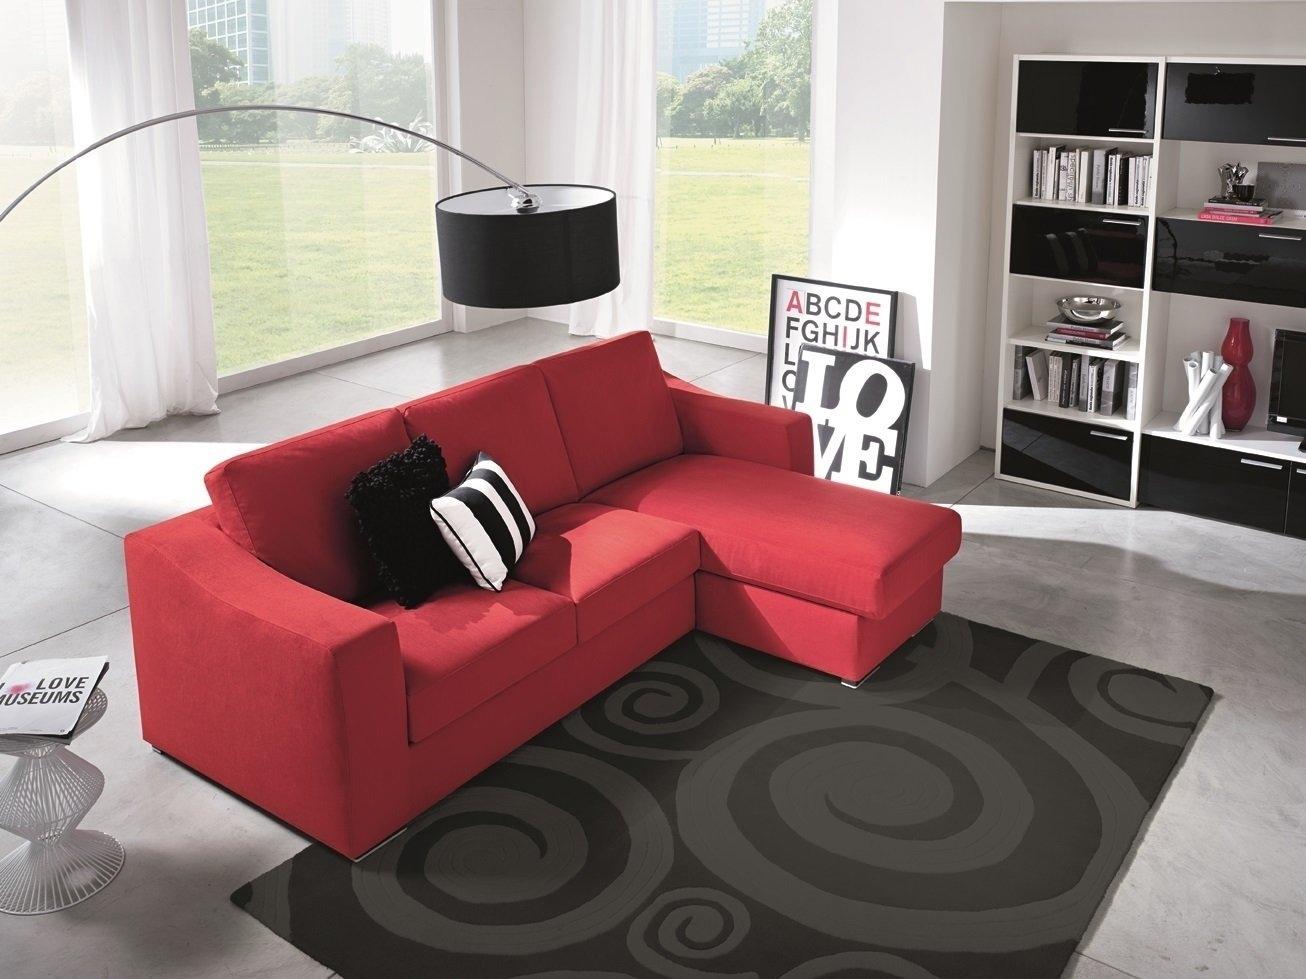 Promozioni divani eco divani a prezzi scontati for Promozioni divani